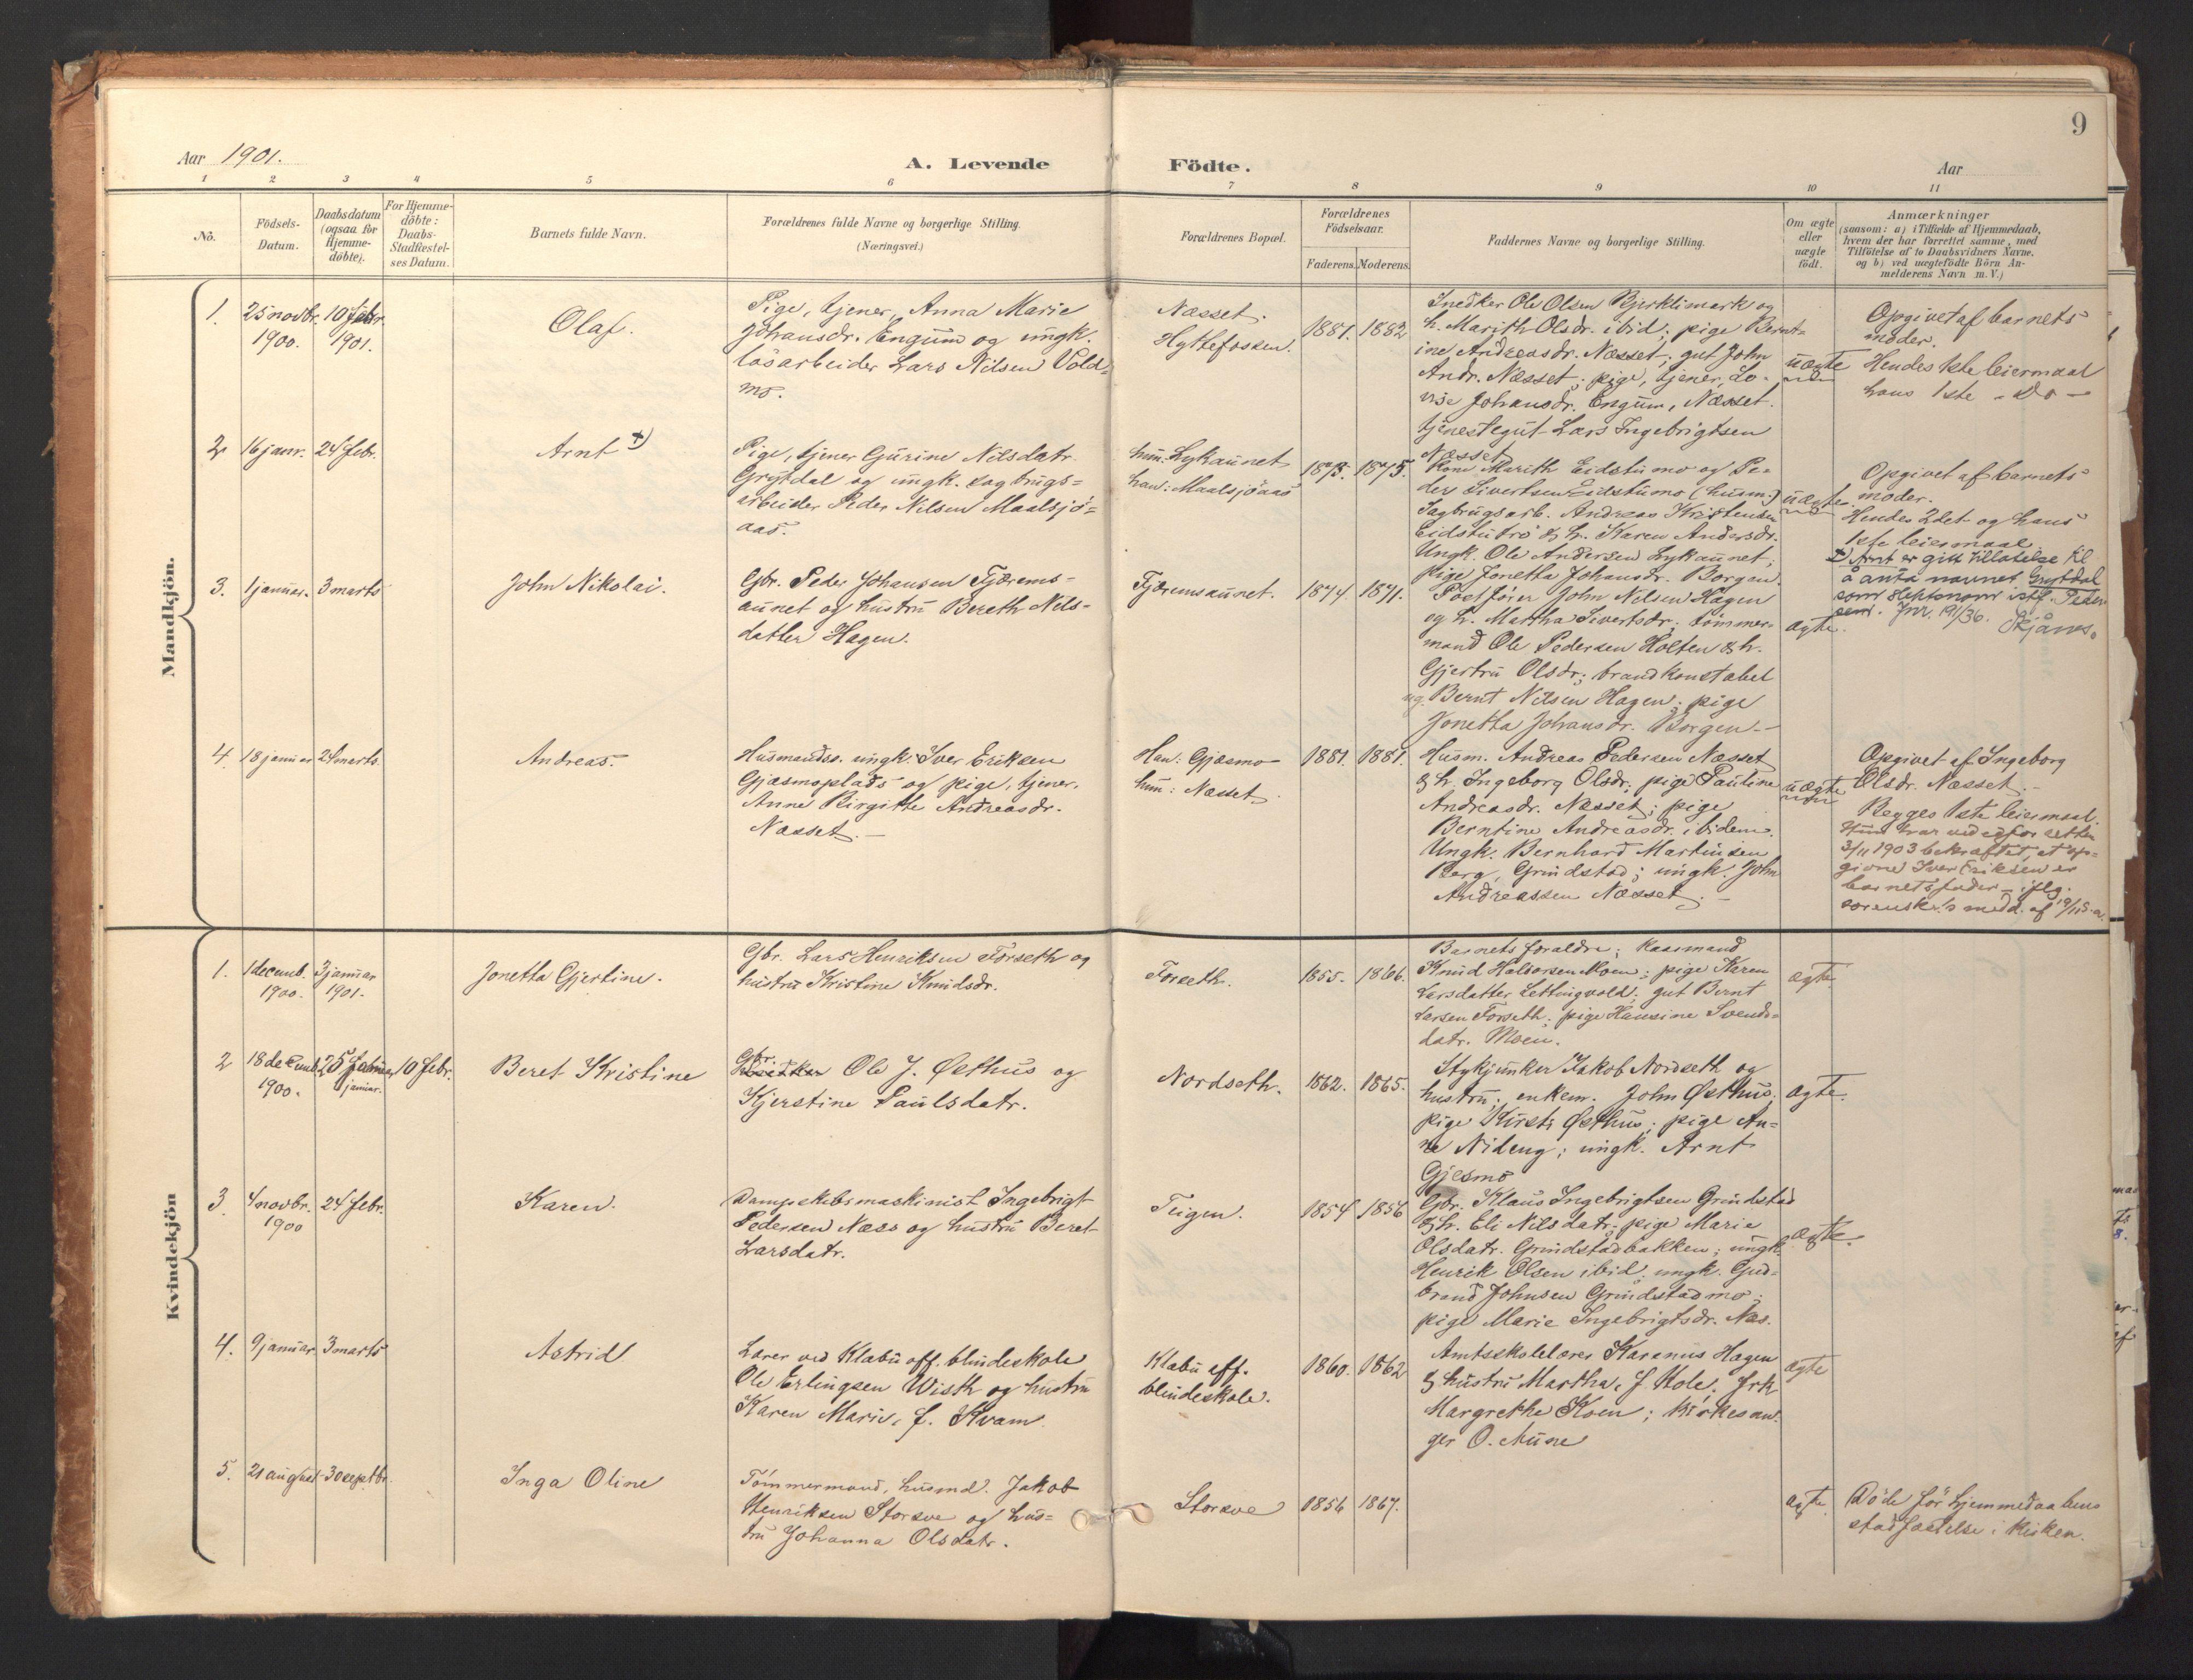 SAT, Ministerialprotokoller, klokkerbøker og fødselsregistre - Sør-Trøndelag, 618/L0448: Ministerialbok nr. 618A11, 1898-1916, s. 9